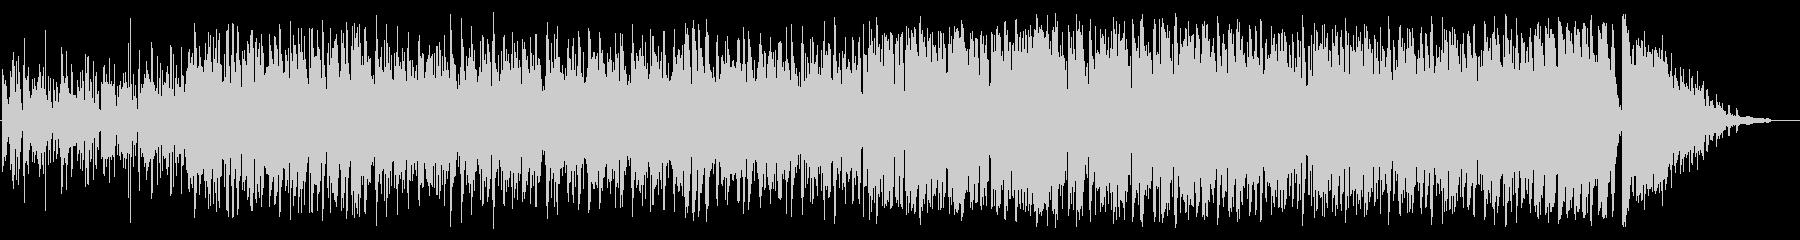 エッジの効いたサックスがかっこいいジャズの未再生の波形